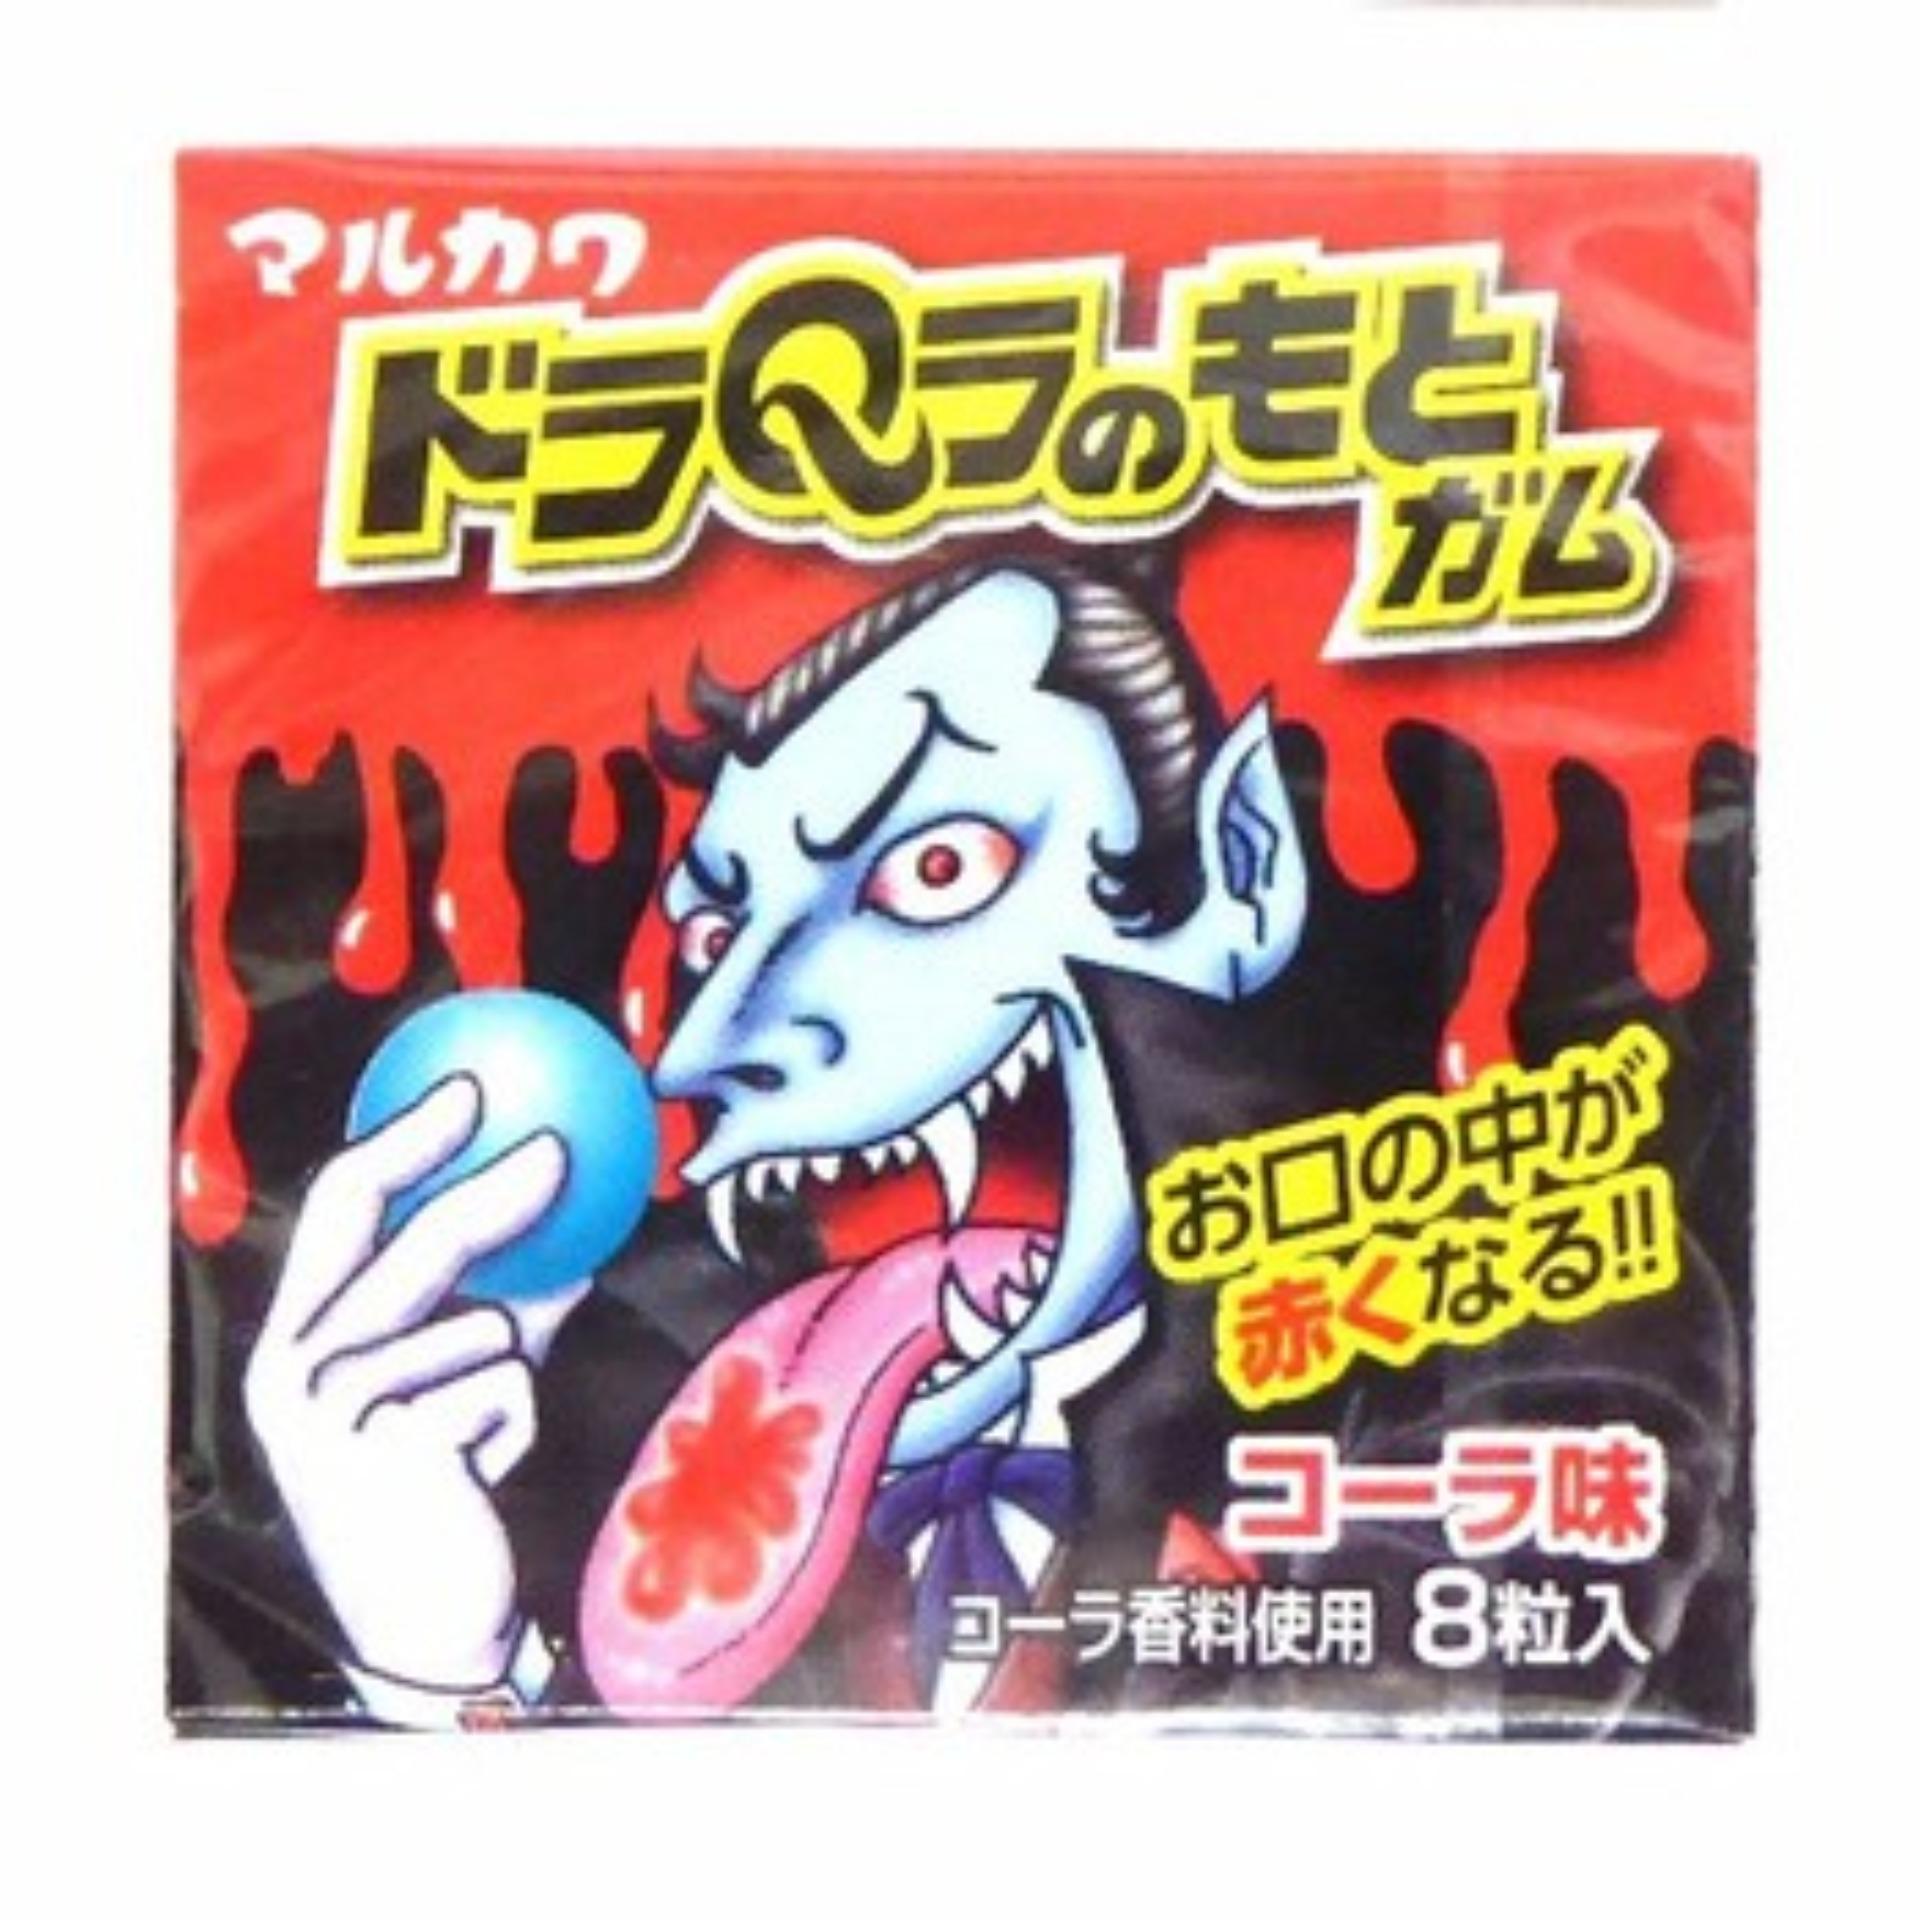 Kẹo nhuộm lưỡi Marukawa Dracula đỏ (8 viên)